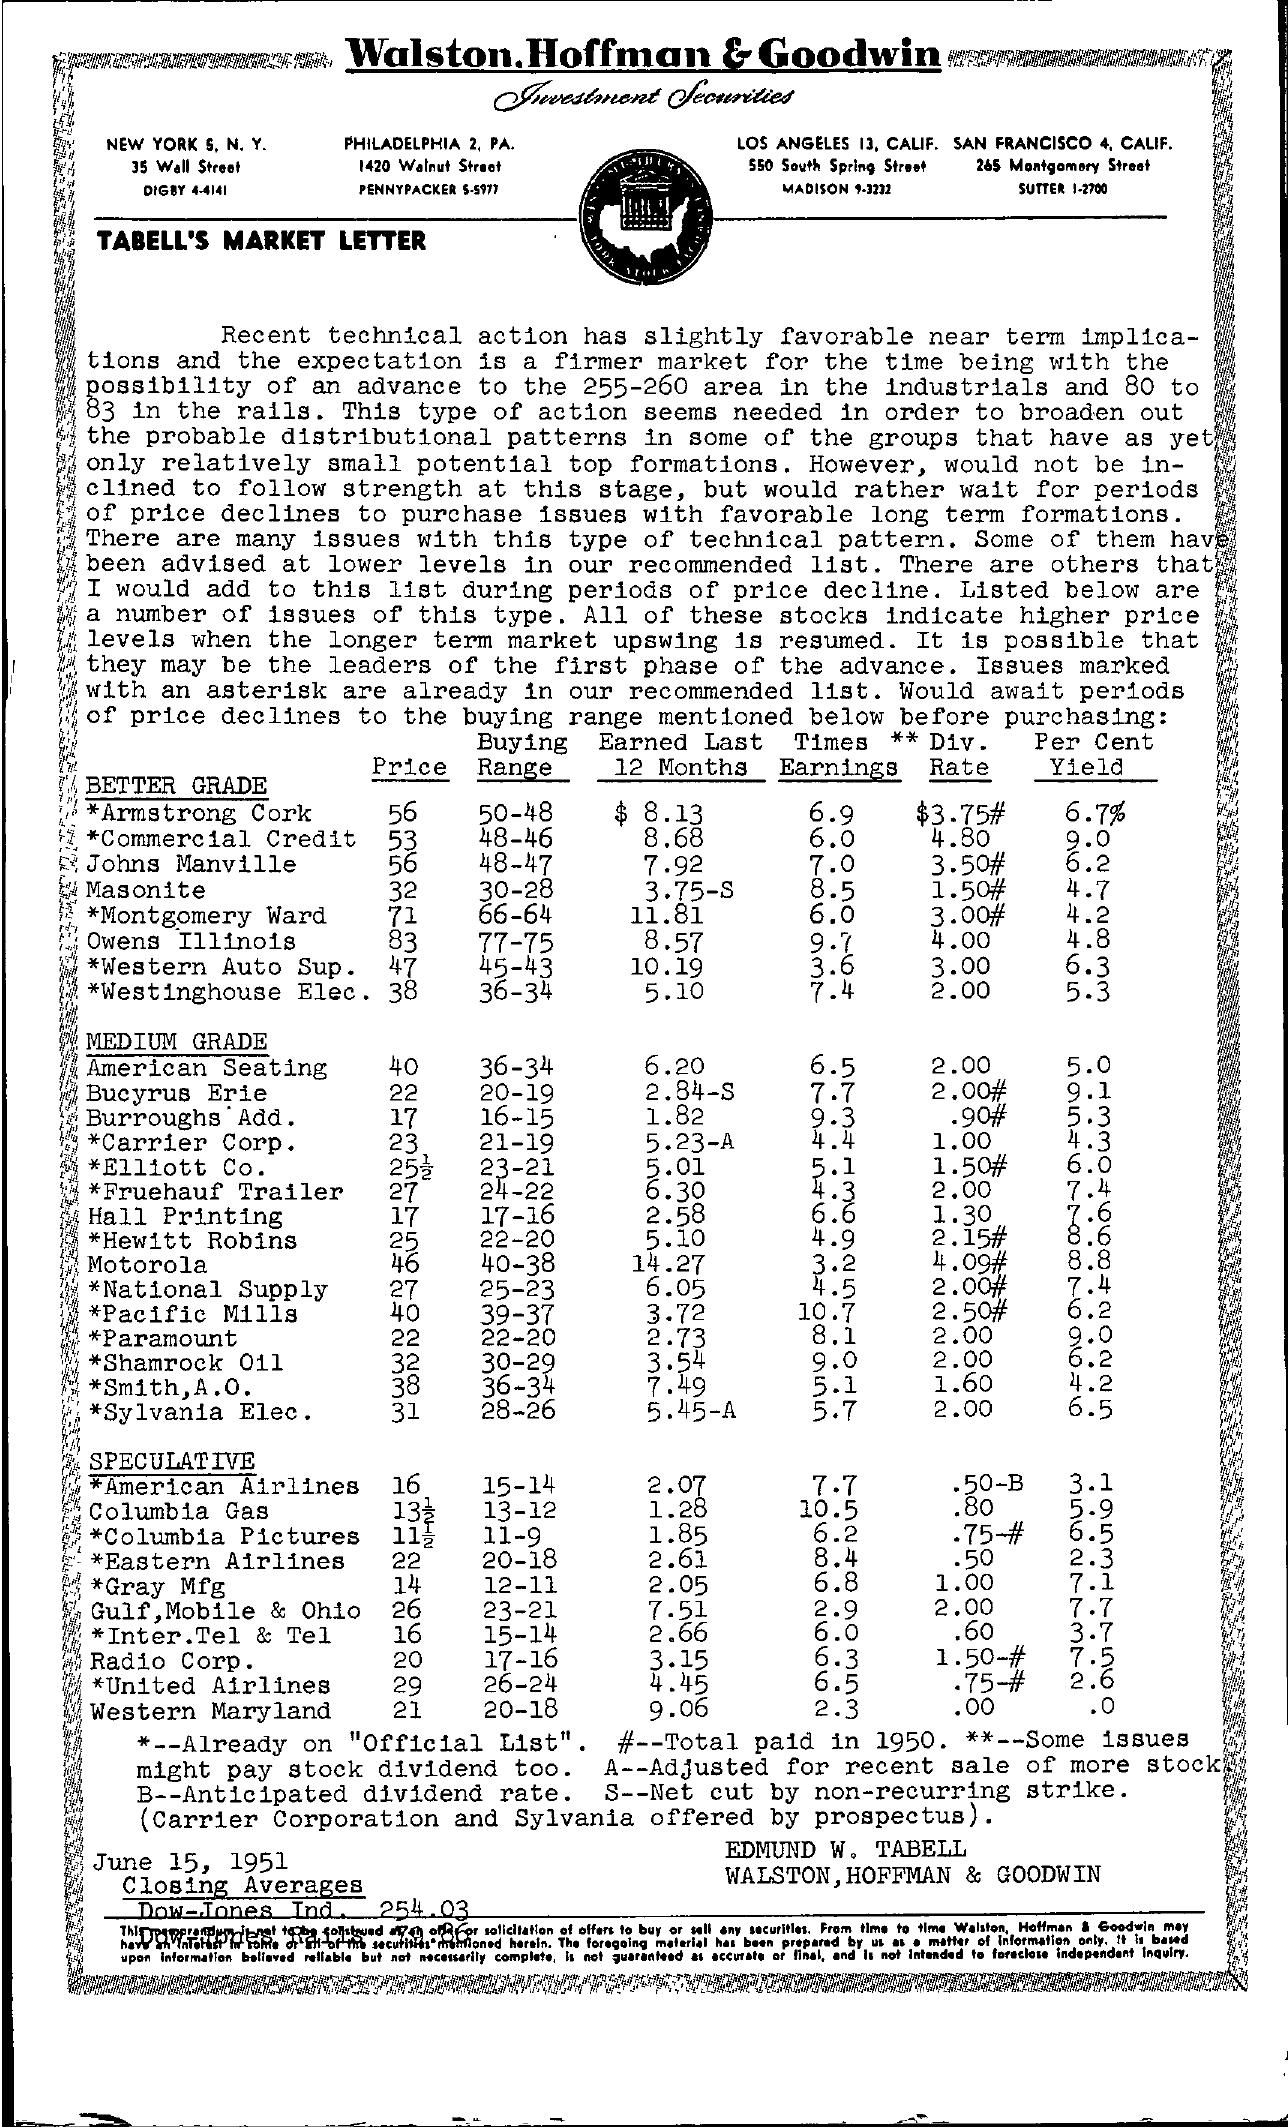 Tabell's Market Letter - June 15, 1951